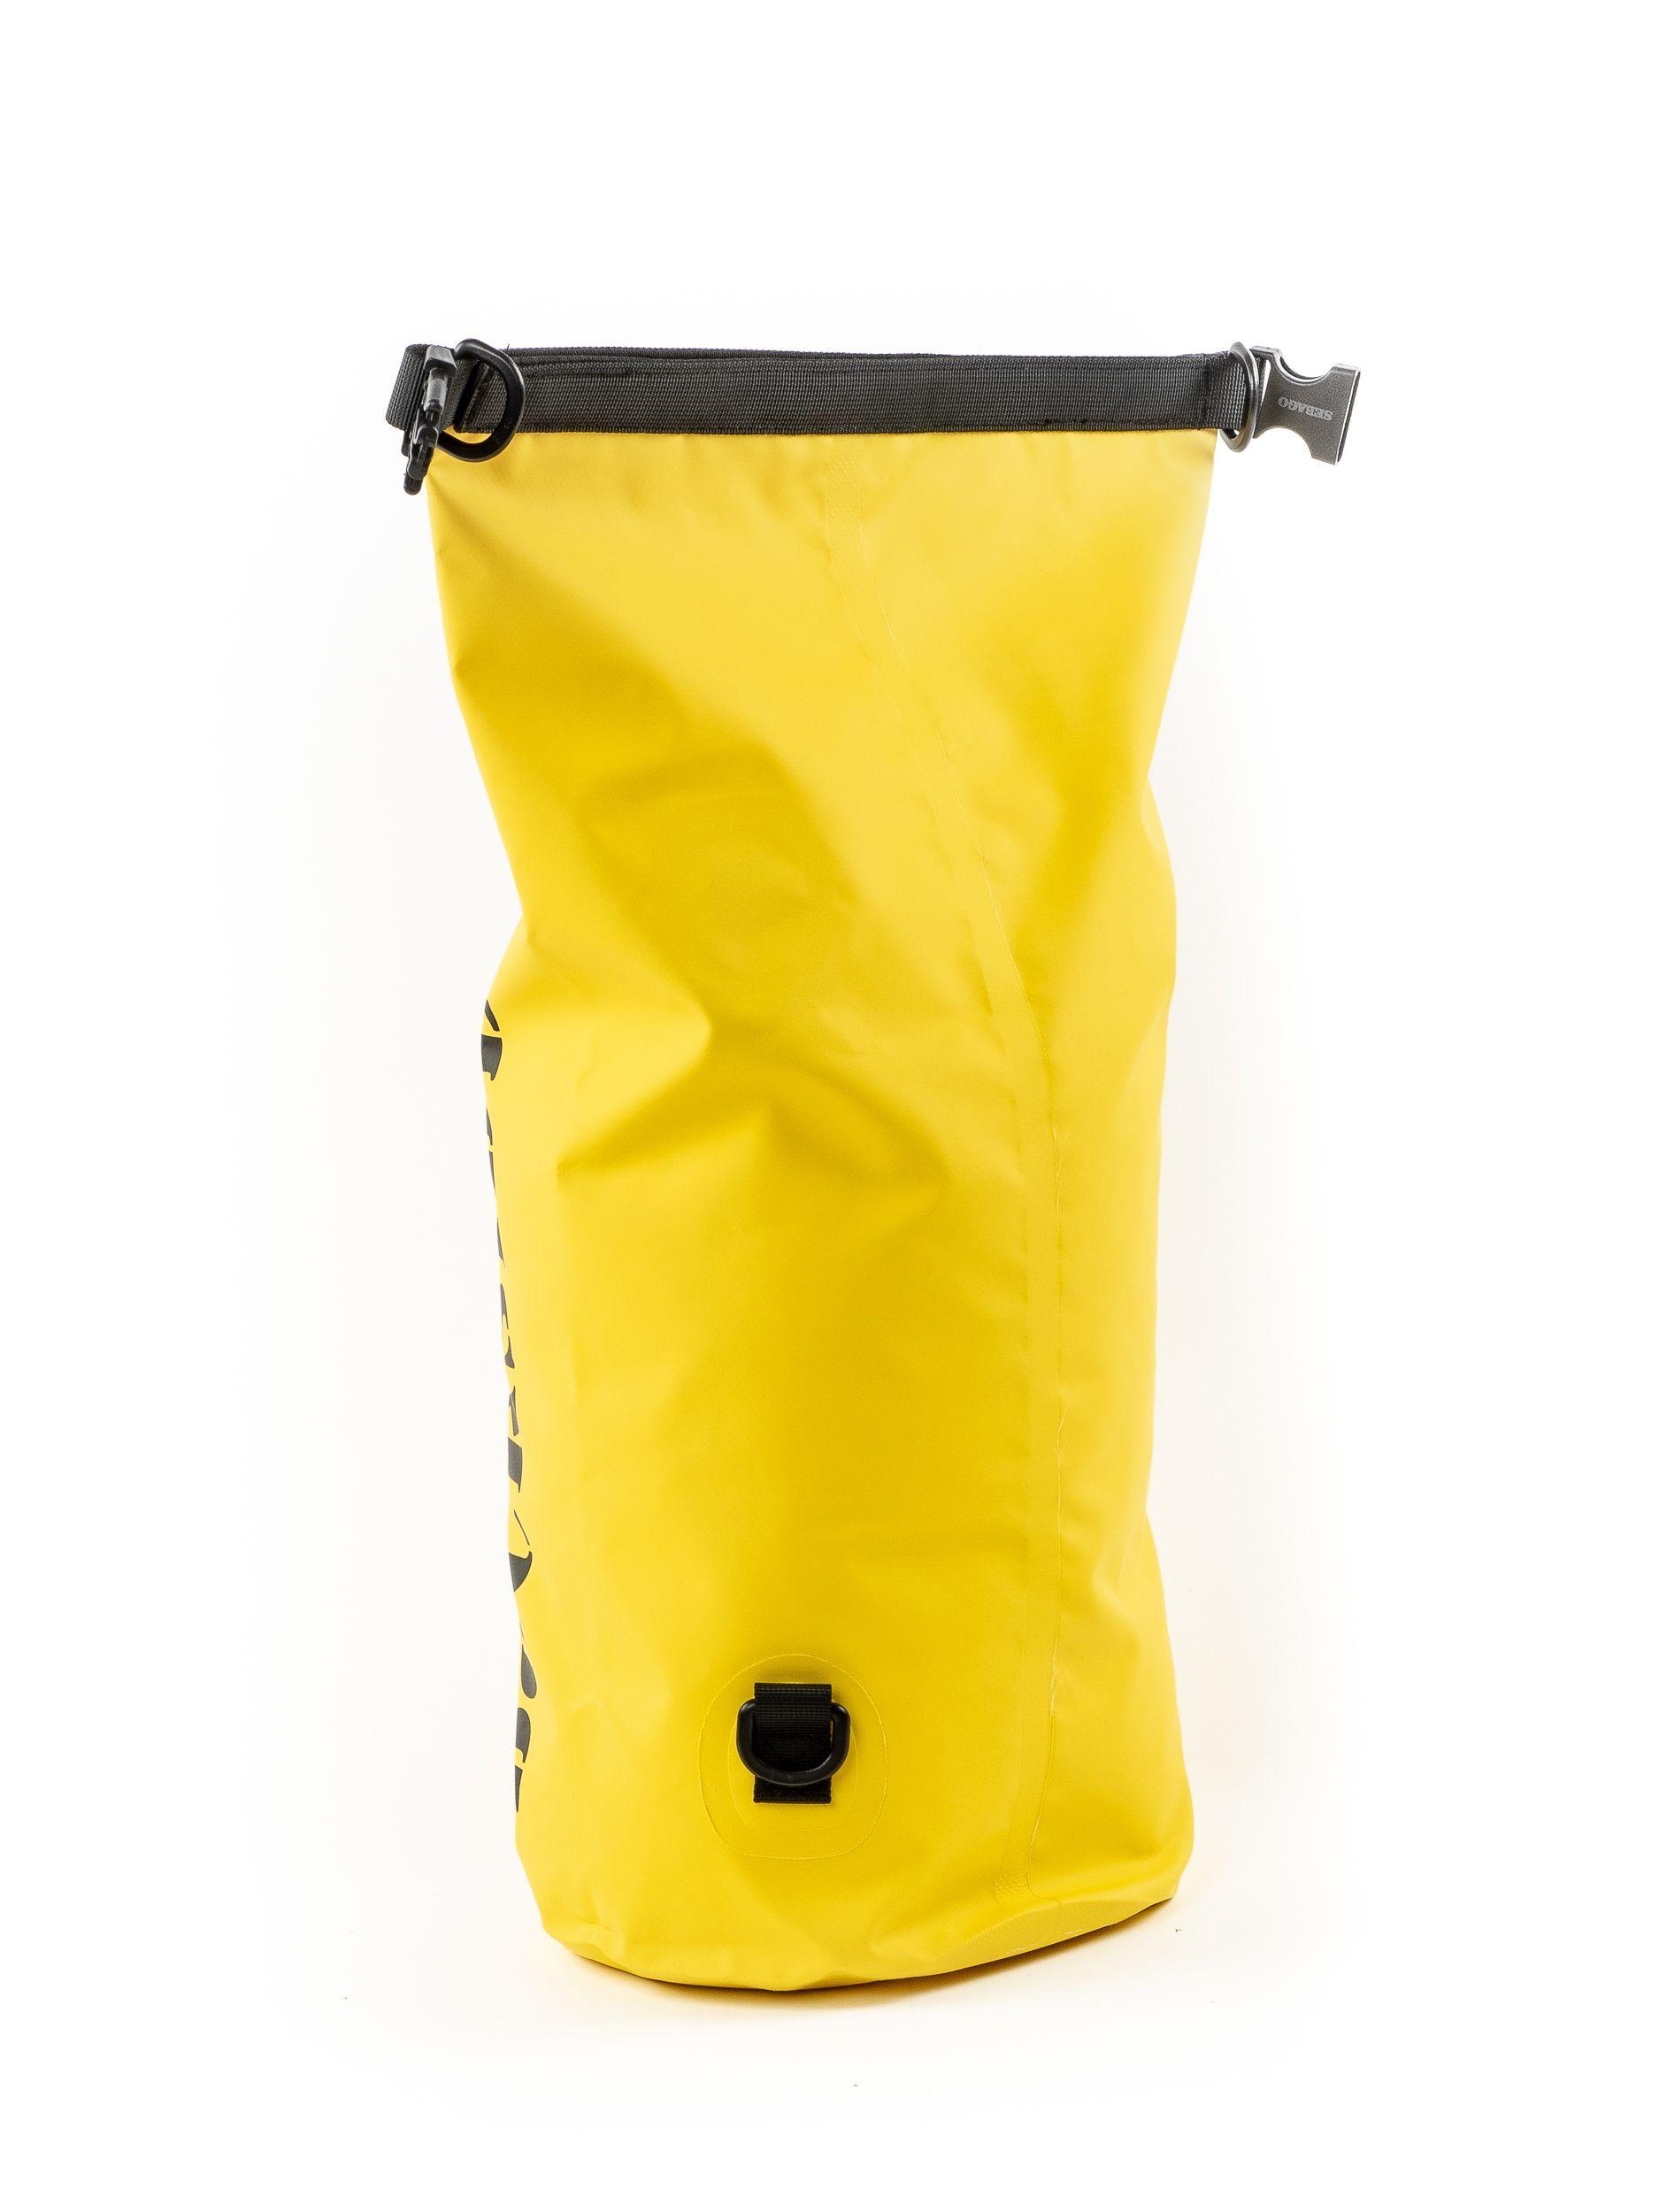 SEBAGO MEN'S 711137W109 YELLOW PVC BACKPACK